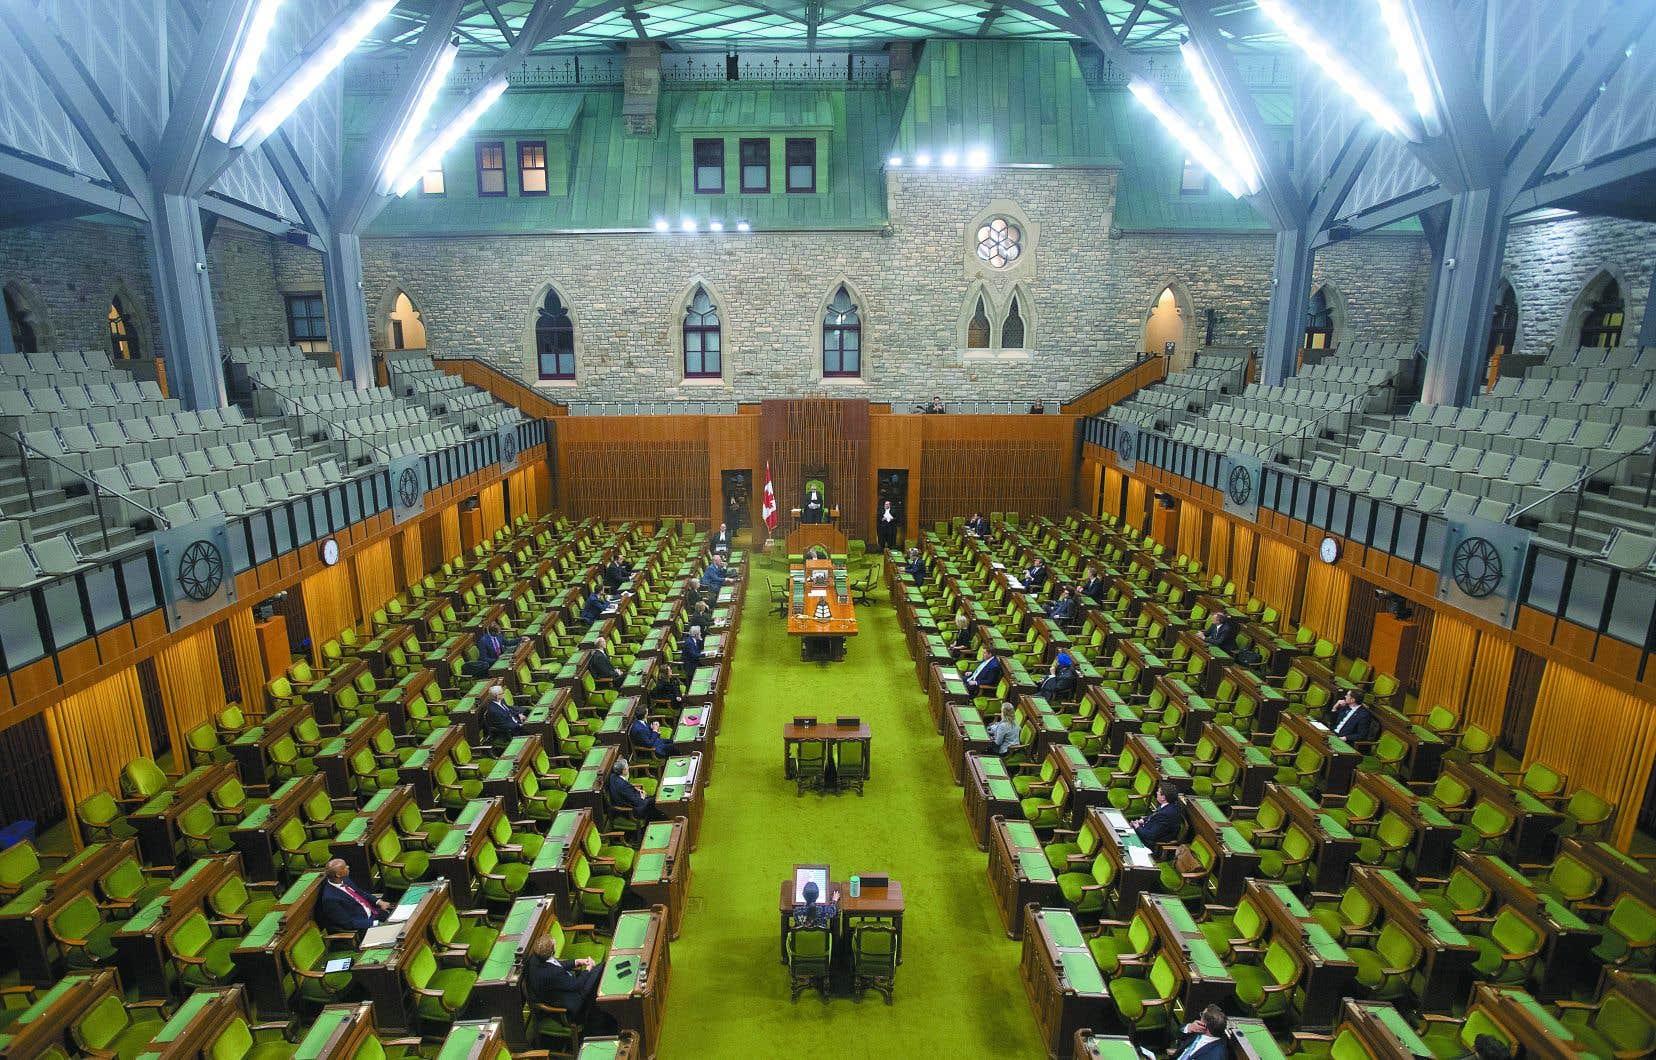 À peine les travaux parlementaires avaient-ils débuté aux Communes qu'ils ont dû être suspendus quand les libéraux ont réalisé qu'ils n'obtiendraient pas le consentement unanime nécessaire pour faire adopter à toute vapeur le projet de loi.